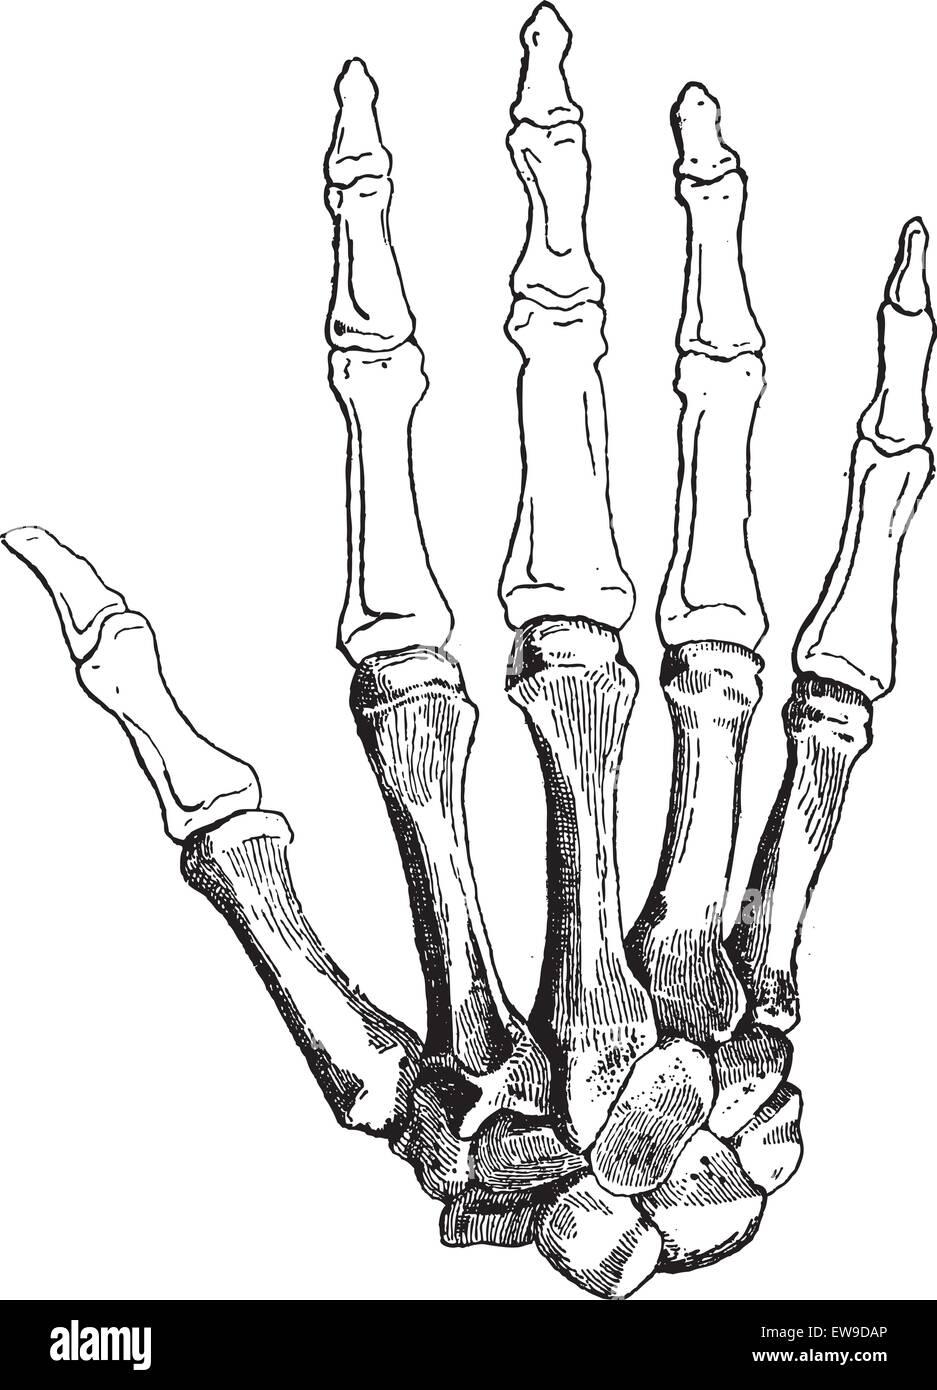 Los huesos de una mano humana (cara dorsal), mostrando (de abajo ...